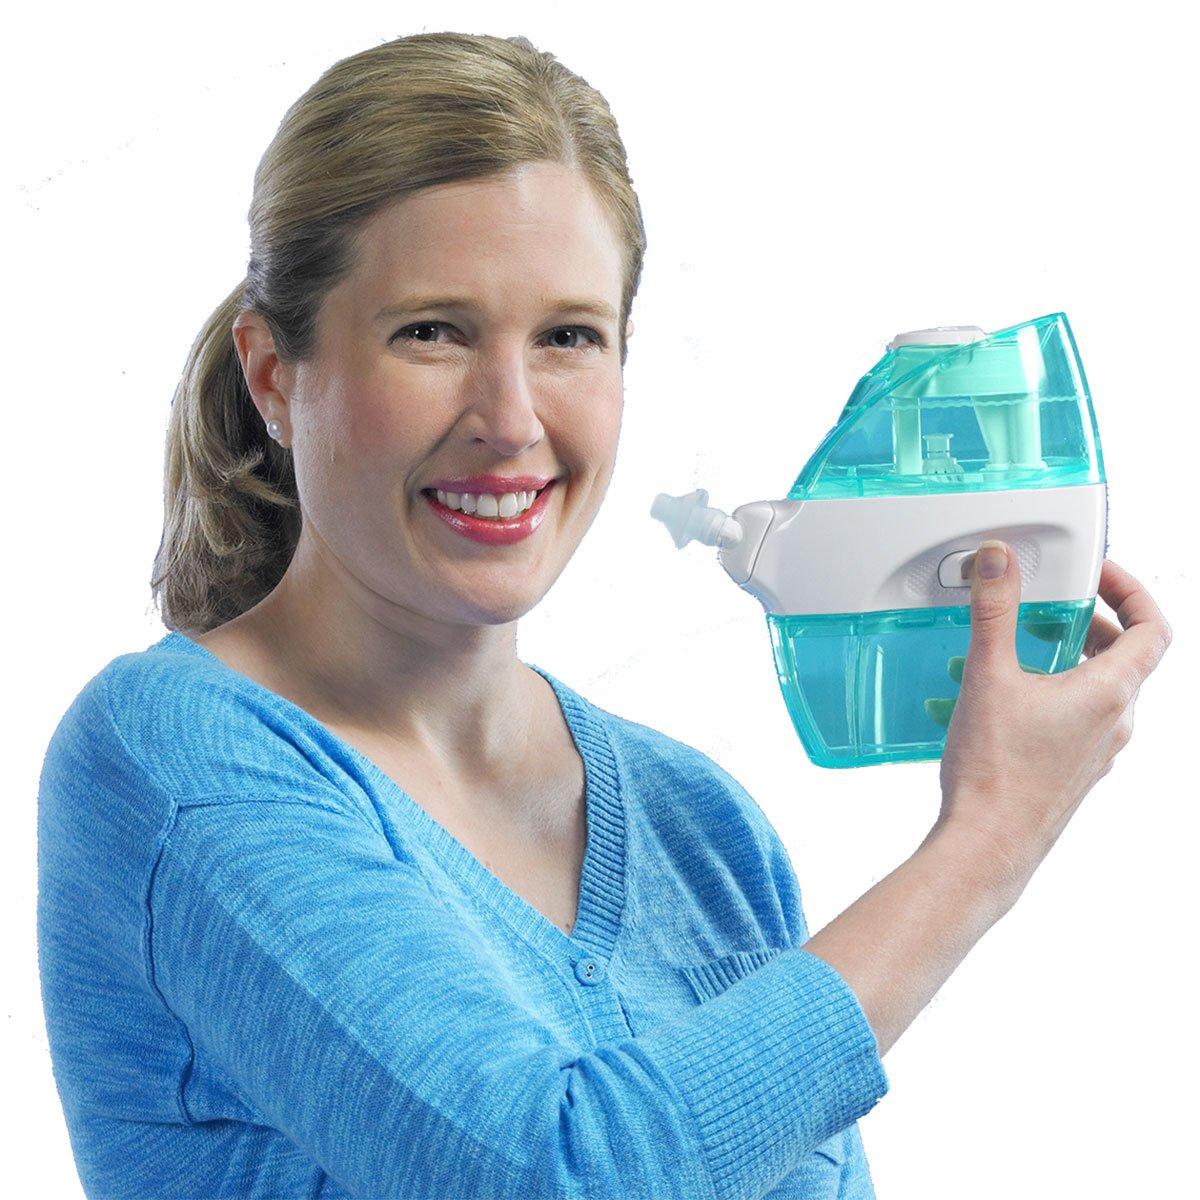 Amazoncom Naväge Nasal Care Starter Bundle Naväge Nose Cleaner